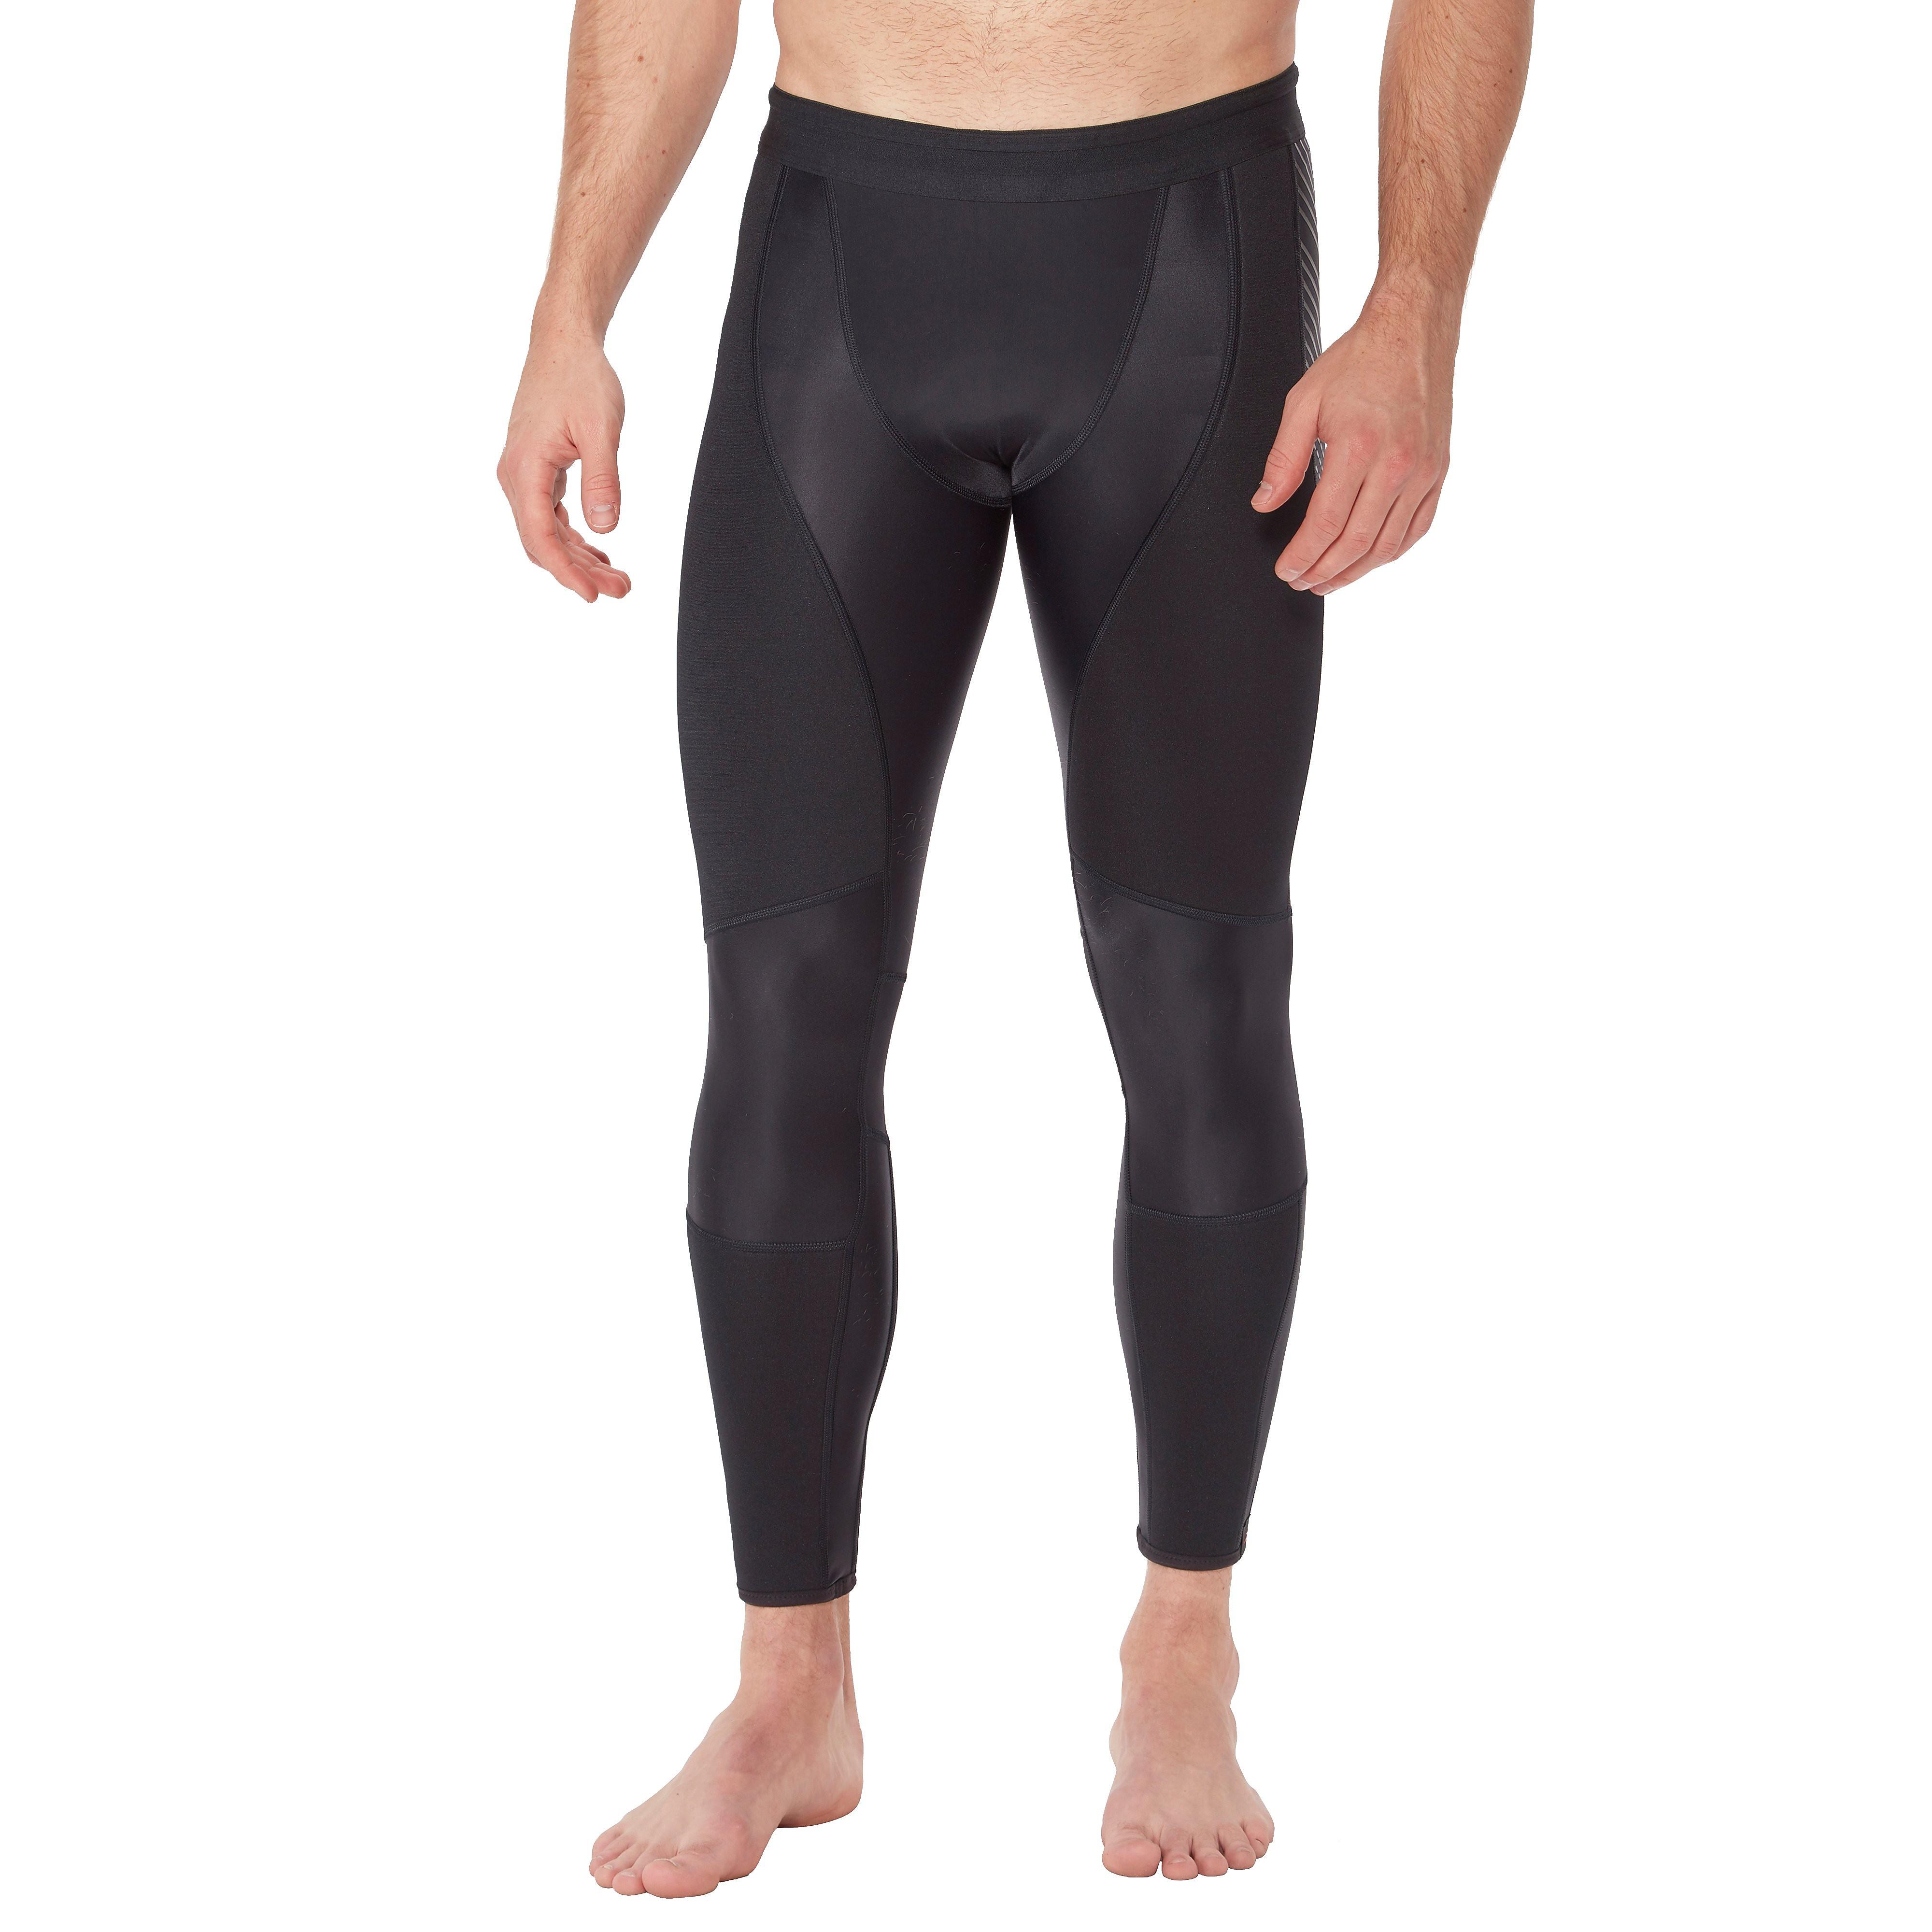 Speedo Fit Hydroraise Men's Triathlon Leg Skin